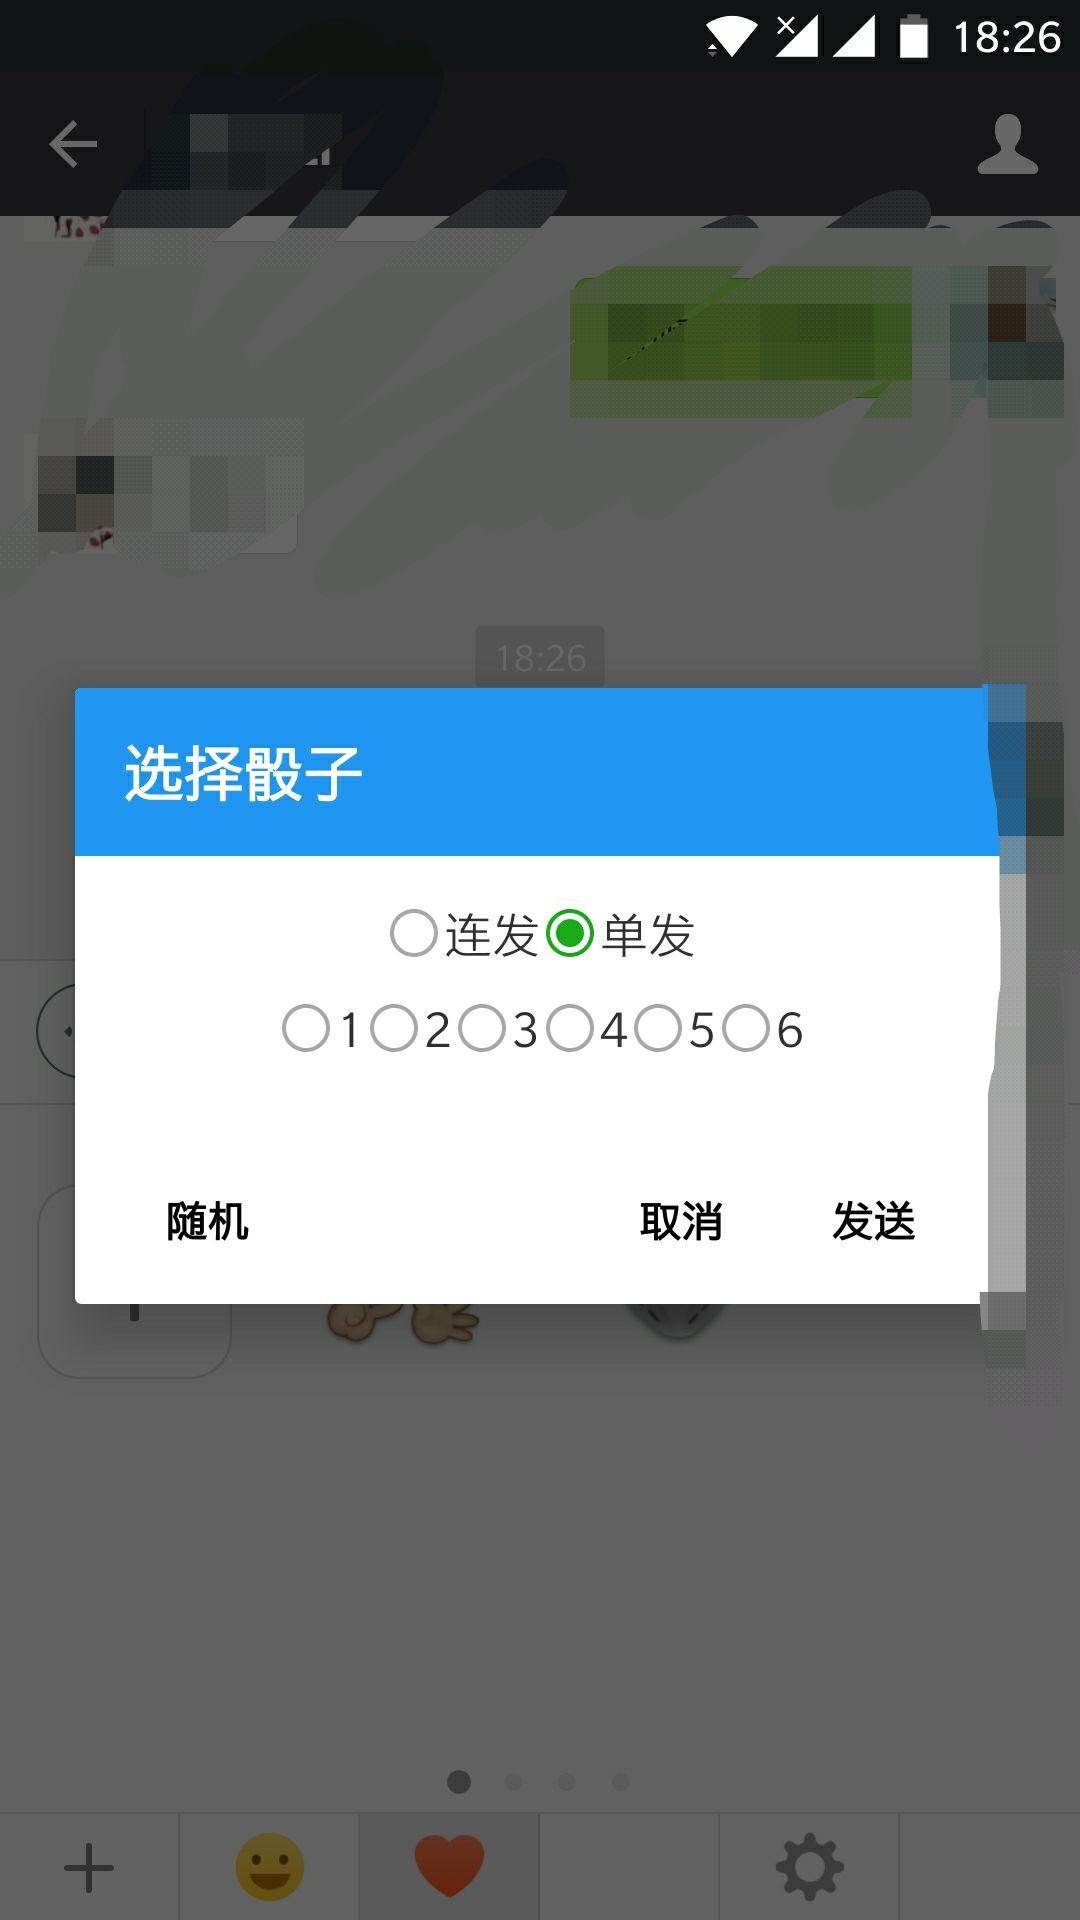 qq_pic_merged_1500635015155.jpg